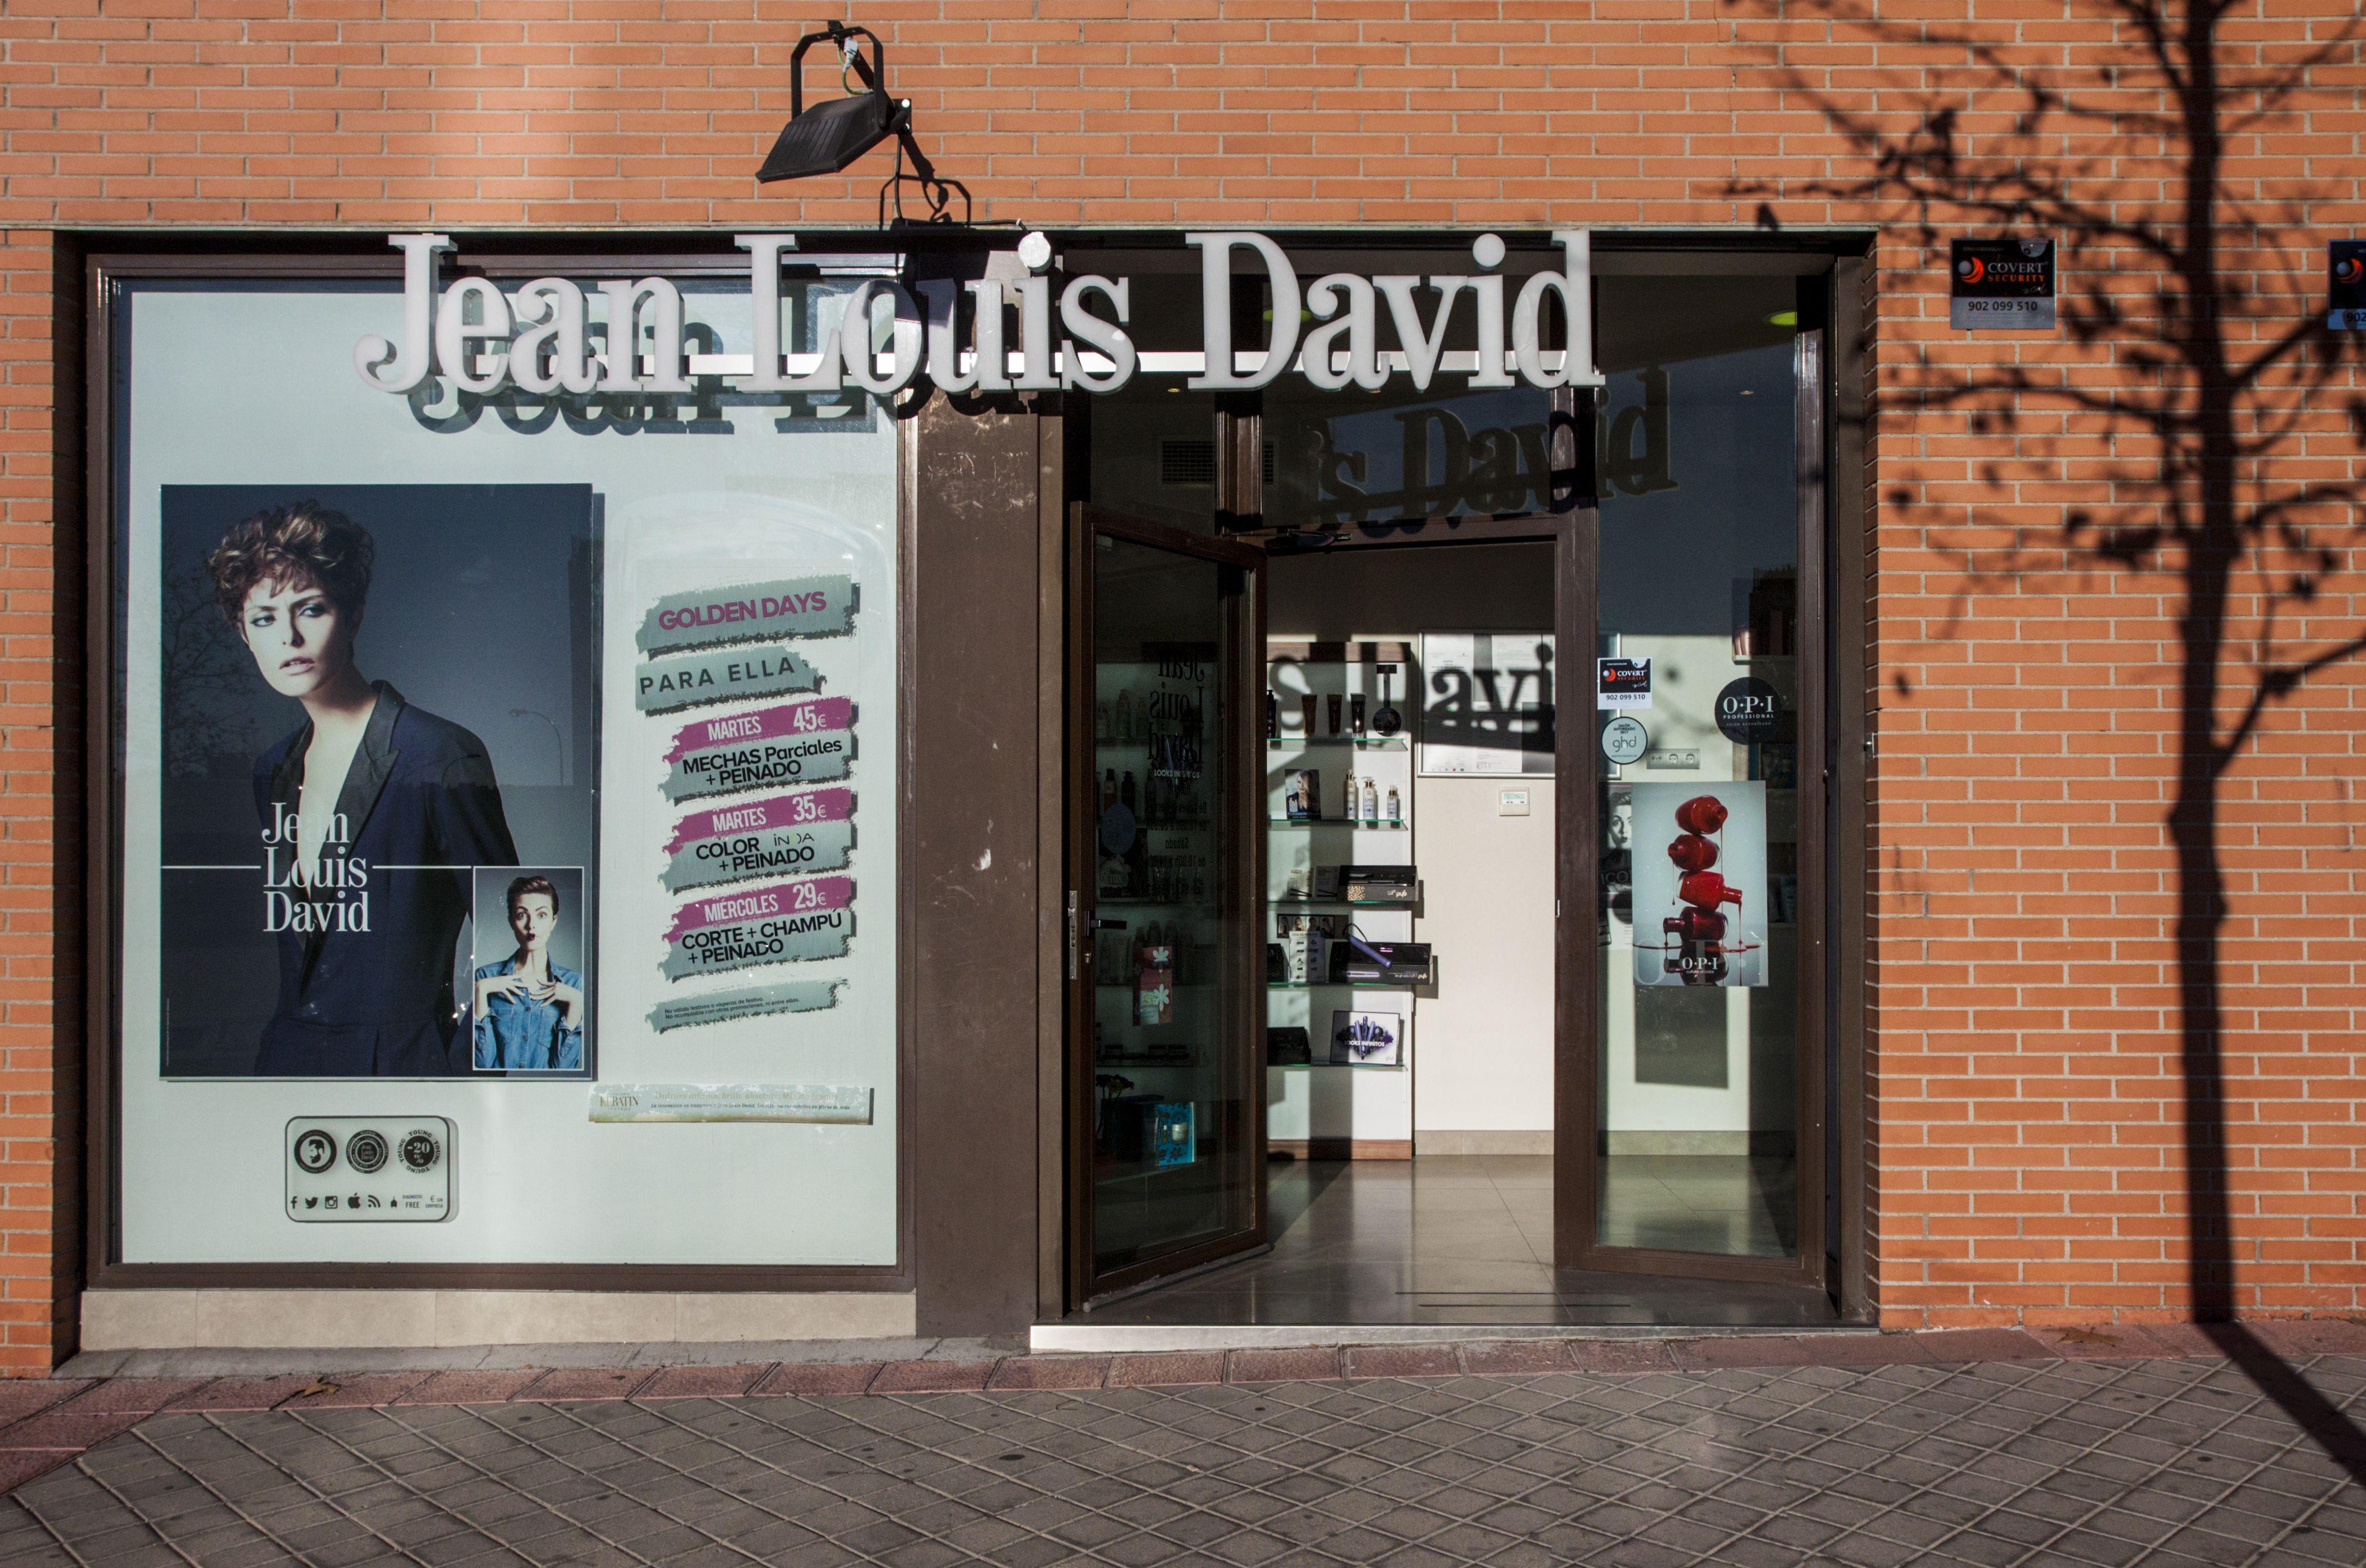 Jean Louis David Fuencarral-El Pardo